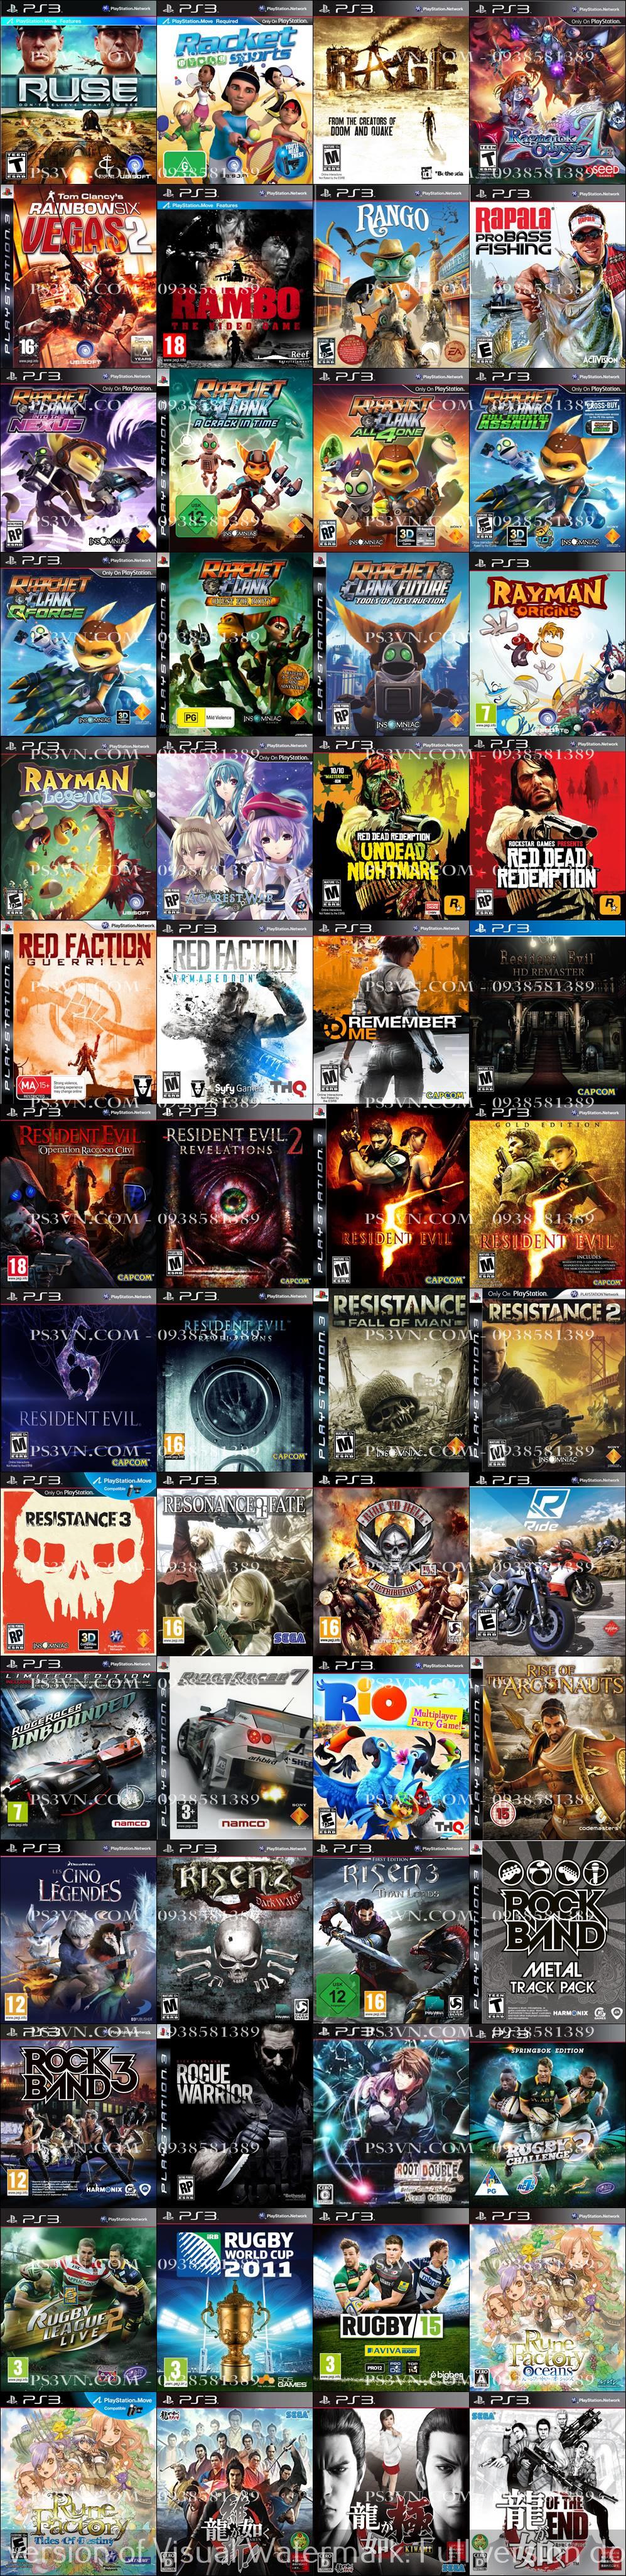 Chép Game PS3 tại nhà giá rẻ nhất TPHCM - PS3VN.COM - 36